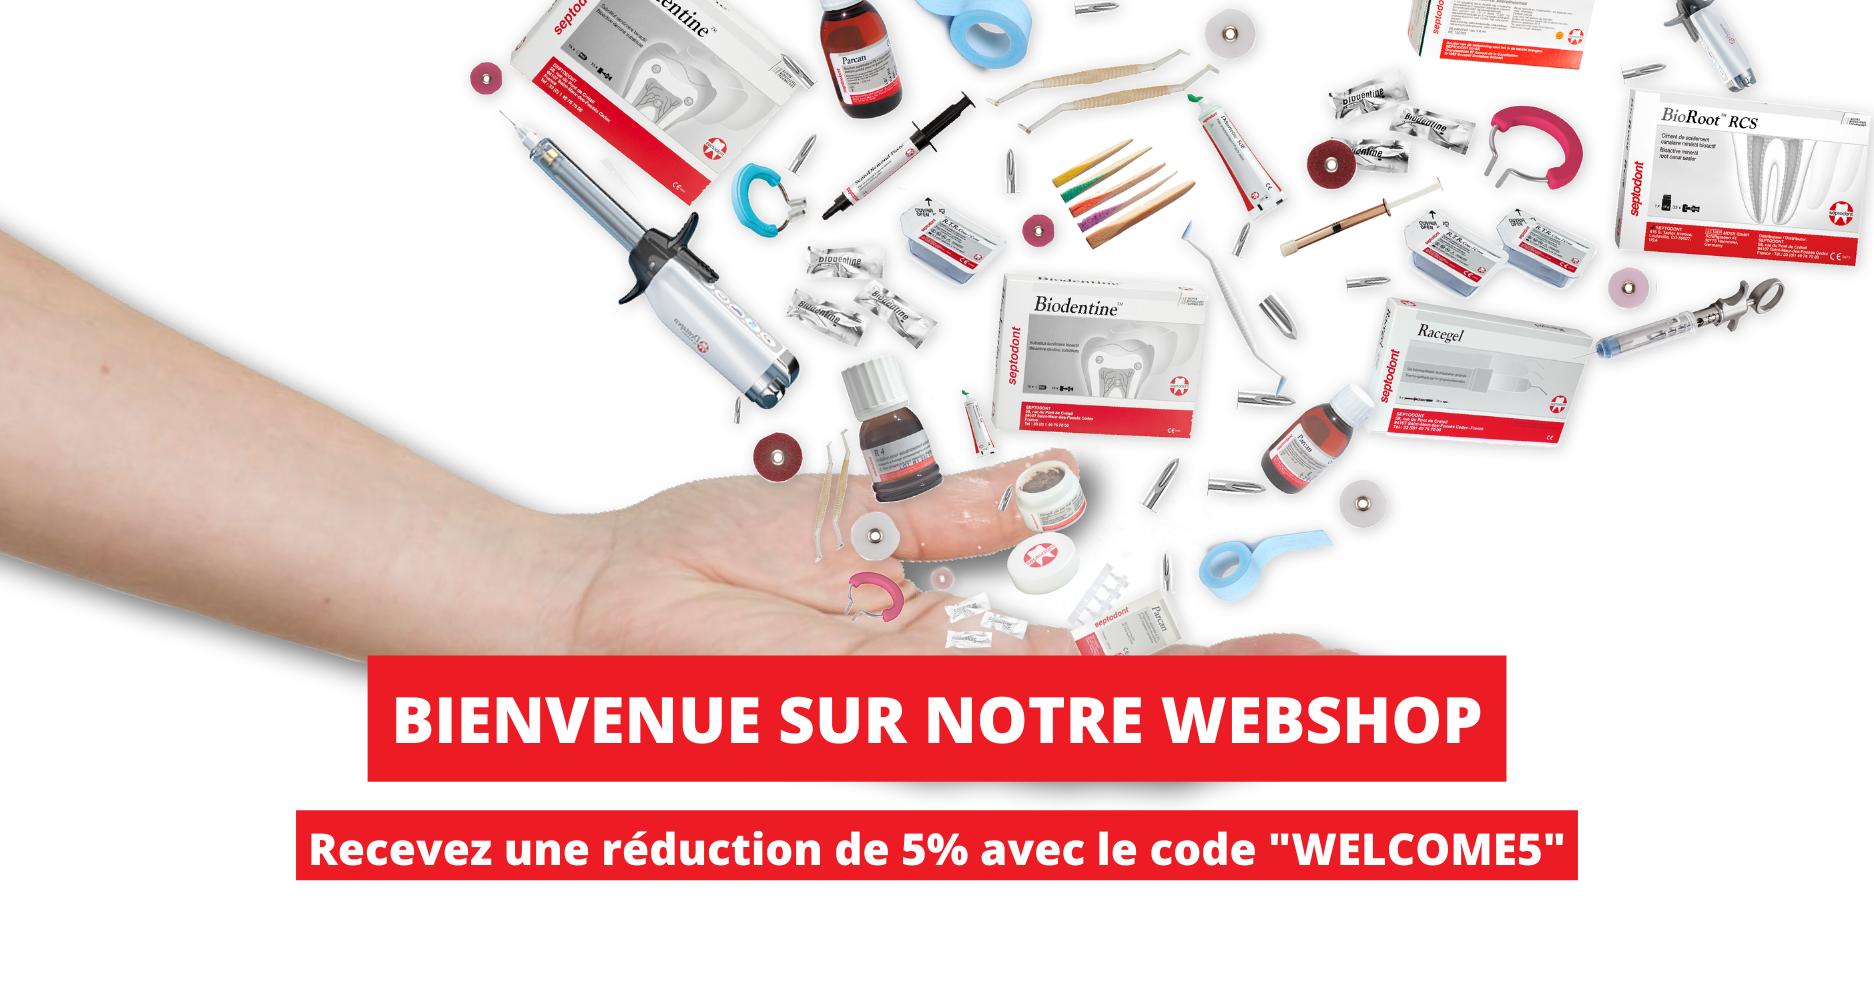 Bienvenue sur notre Webshop